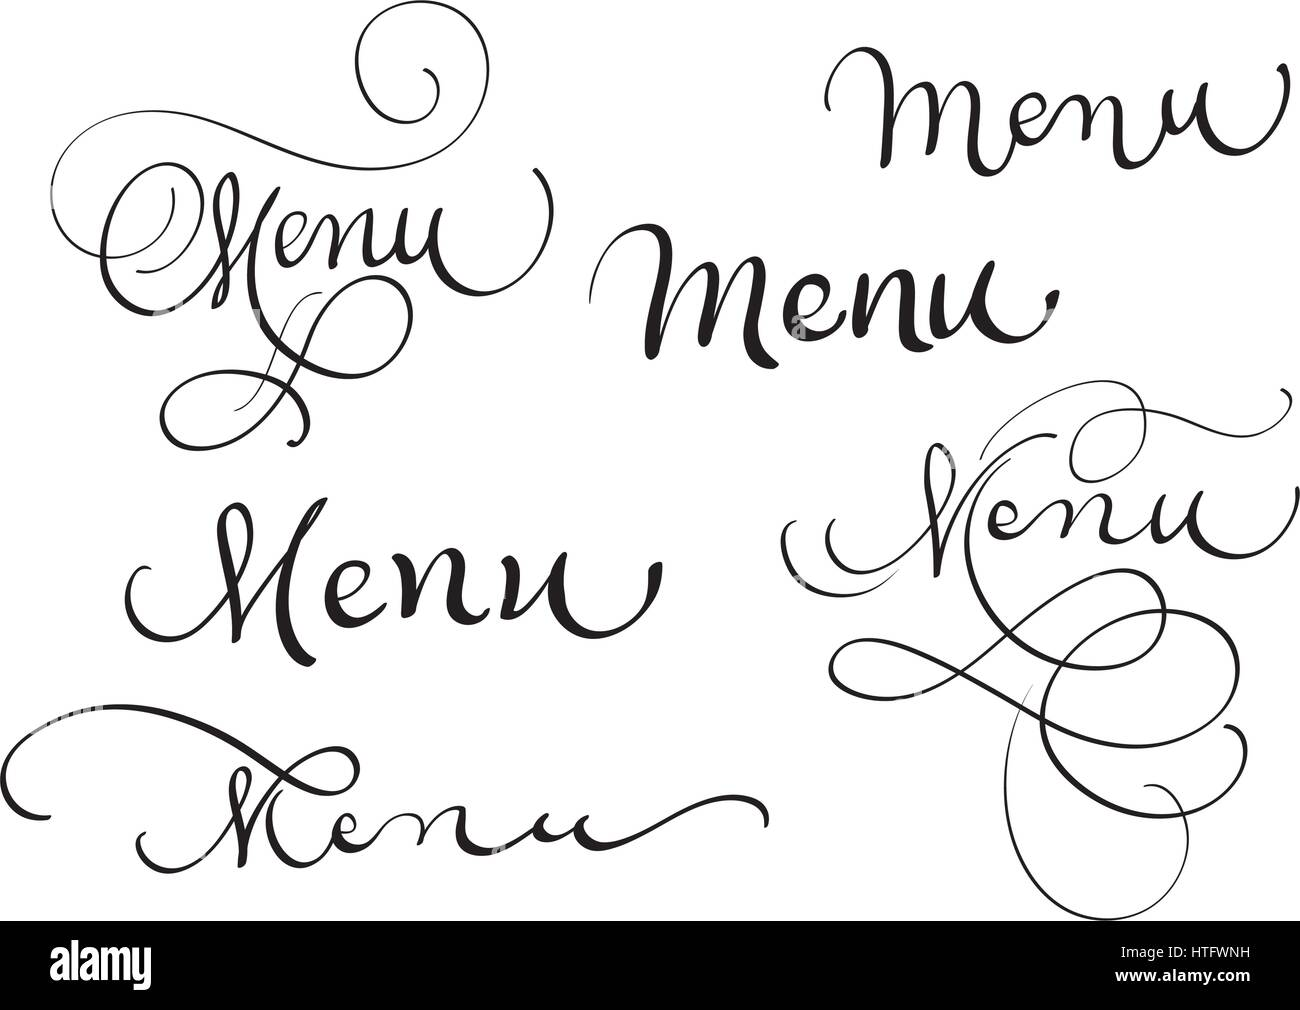 Jeu De Mot Menu Sur Blanc Lettrage Calligraphie Illustration